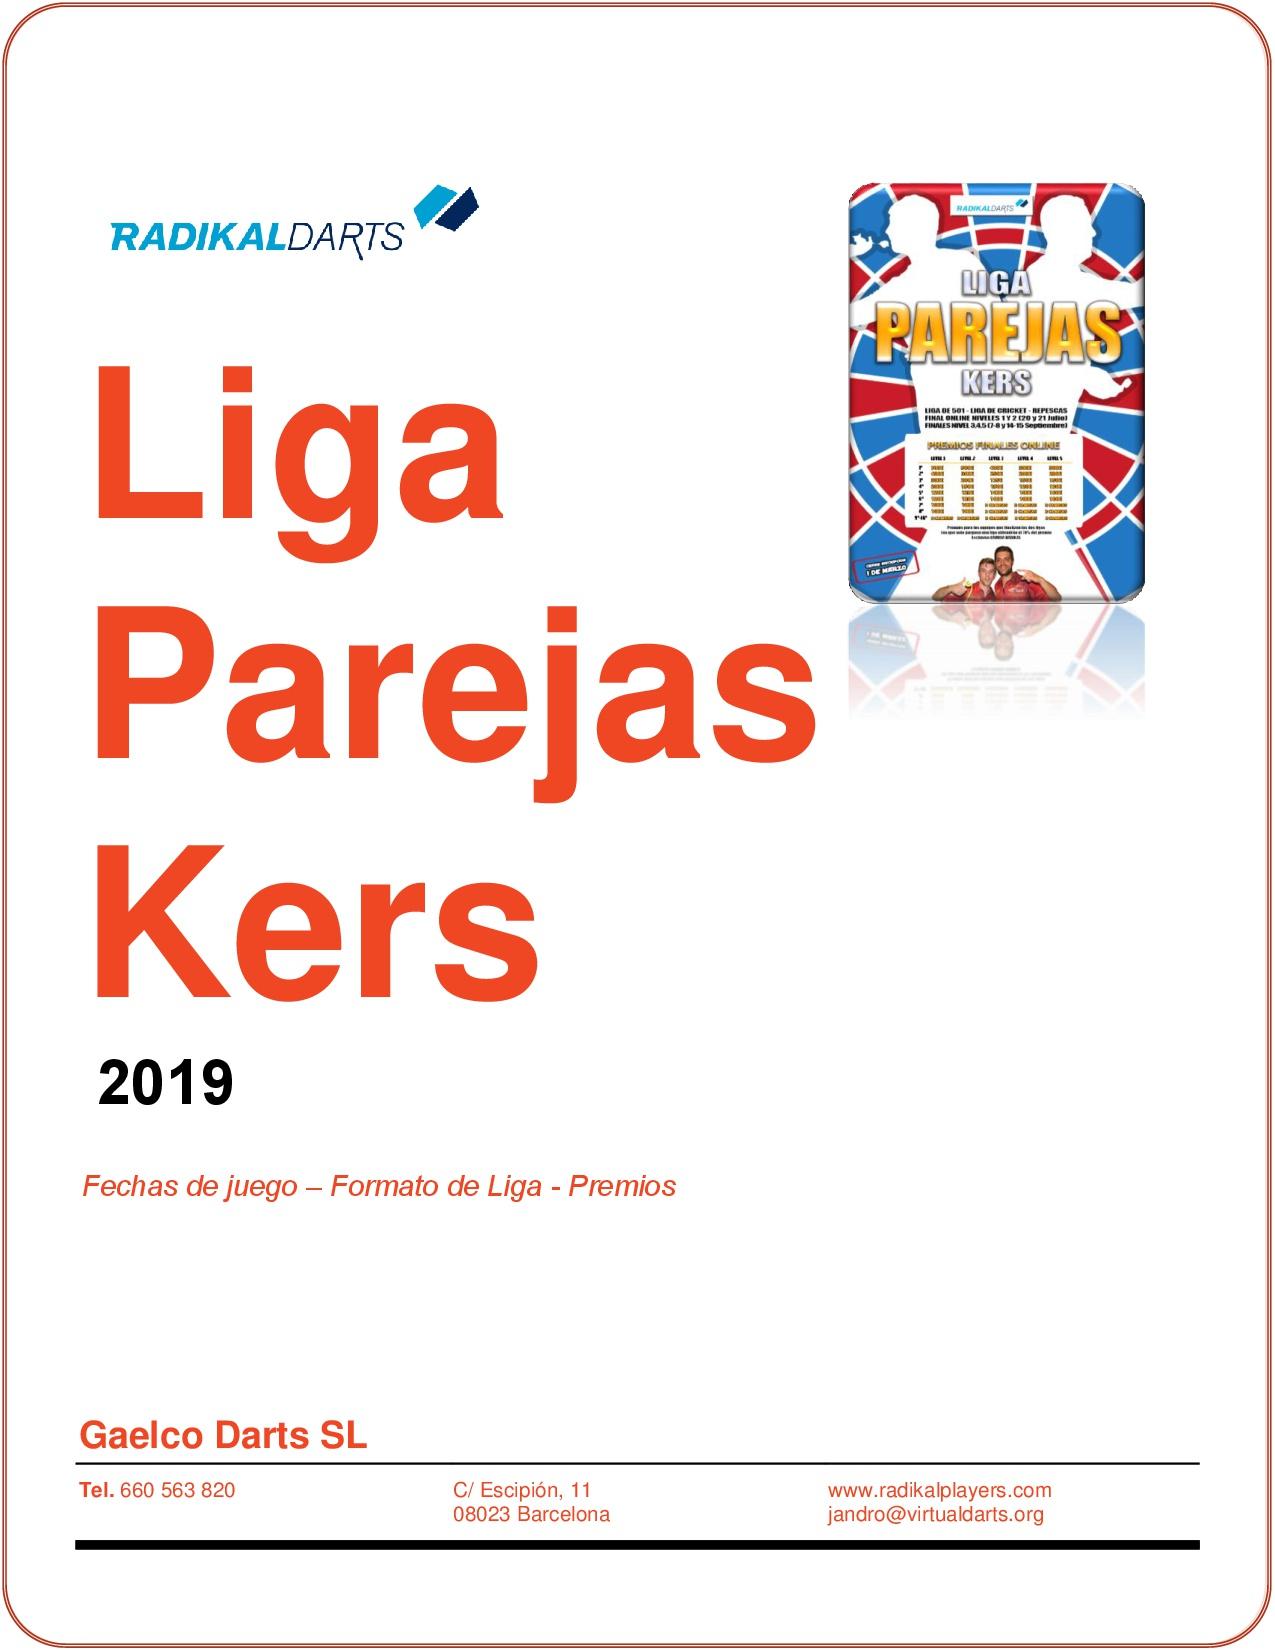 Campeonato de dardos online Liga de Parejas Kers de RadikalDarts.